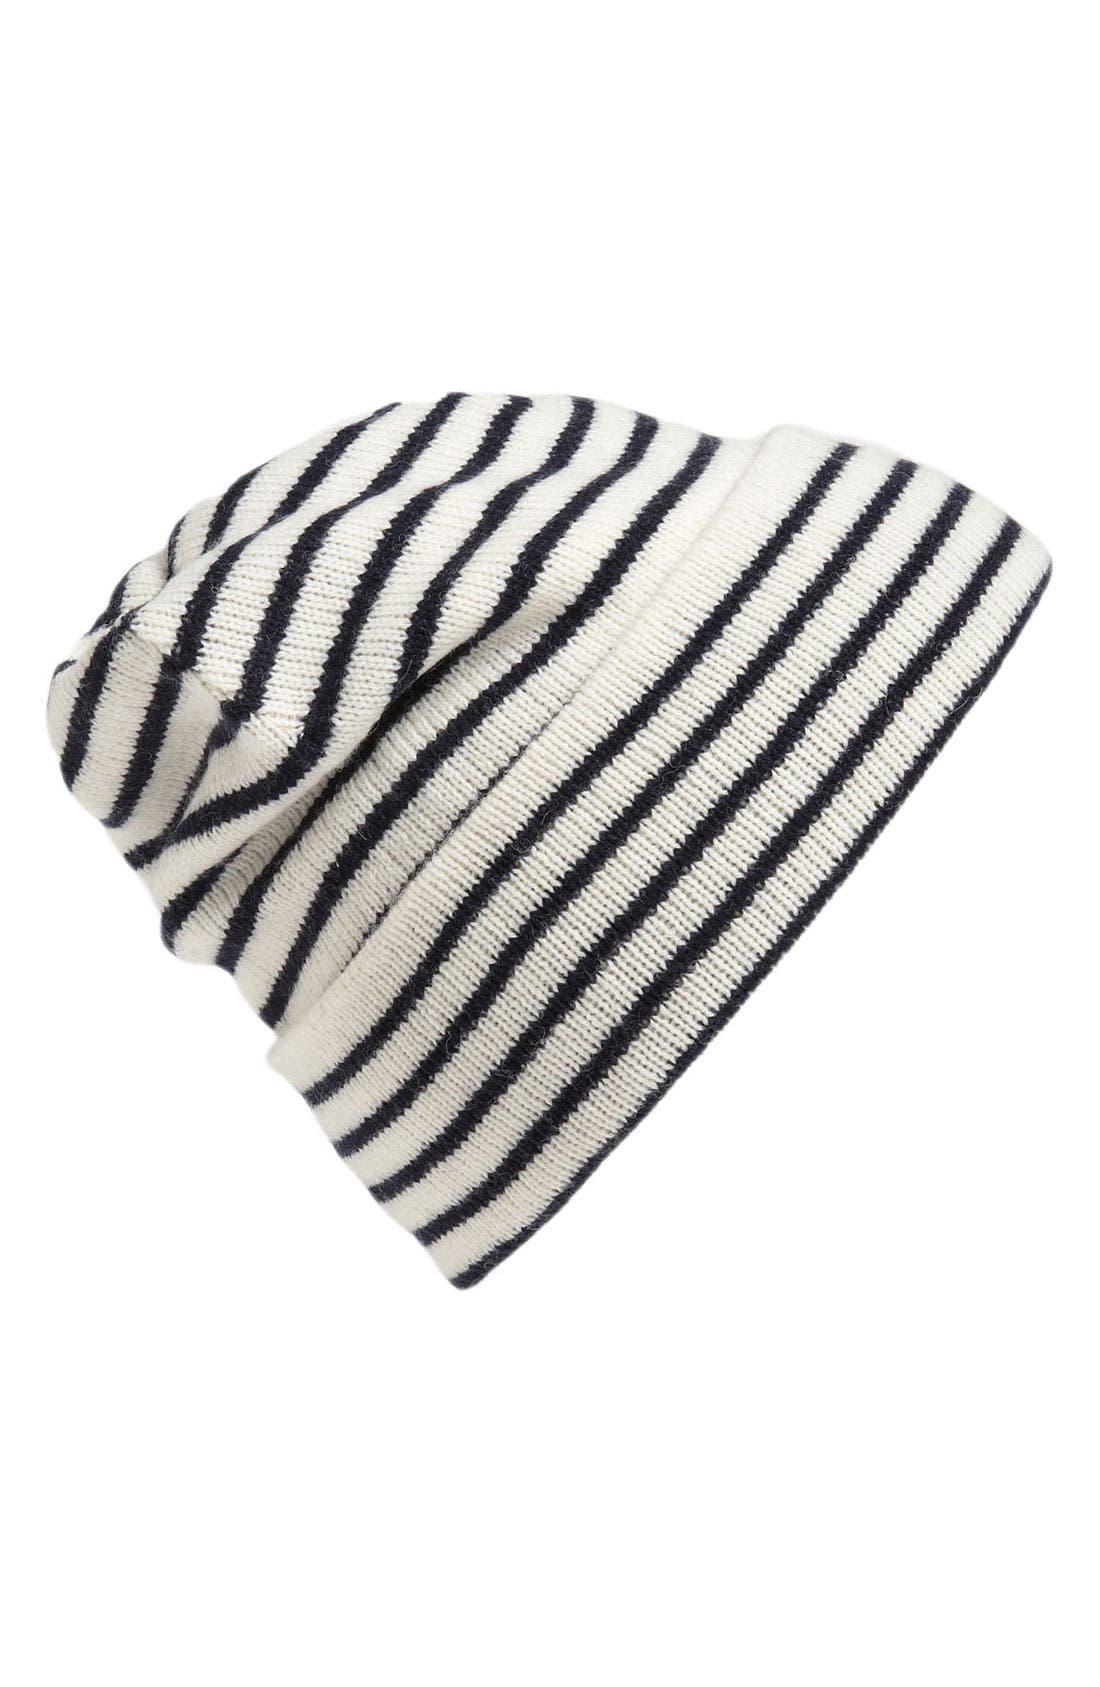 Alternate Image 1 Selected - Jack Spade 'Cooper' Stripe Hat